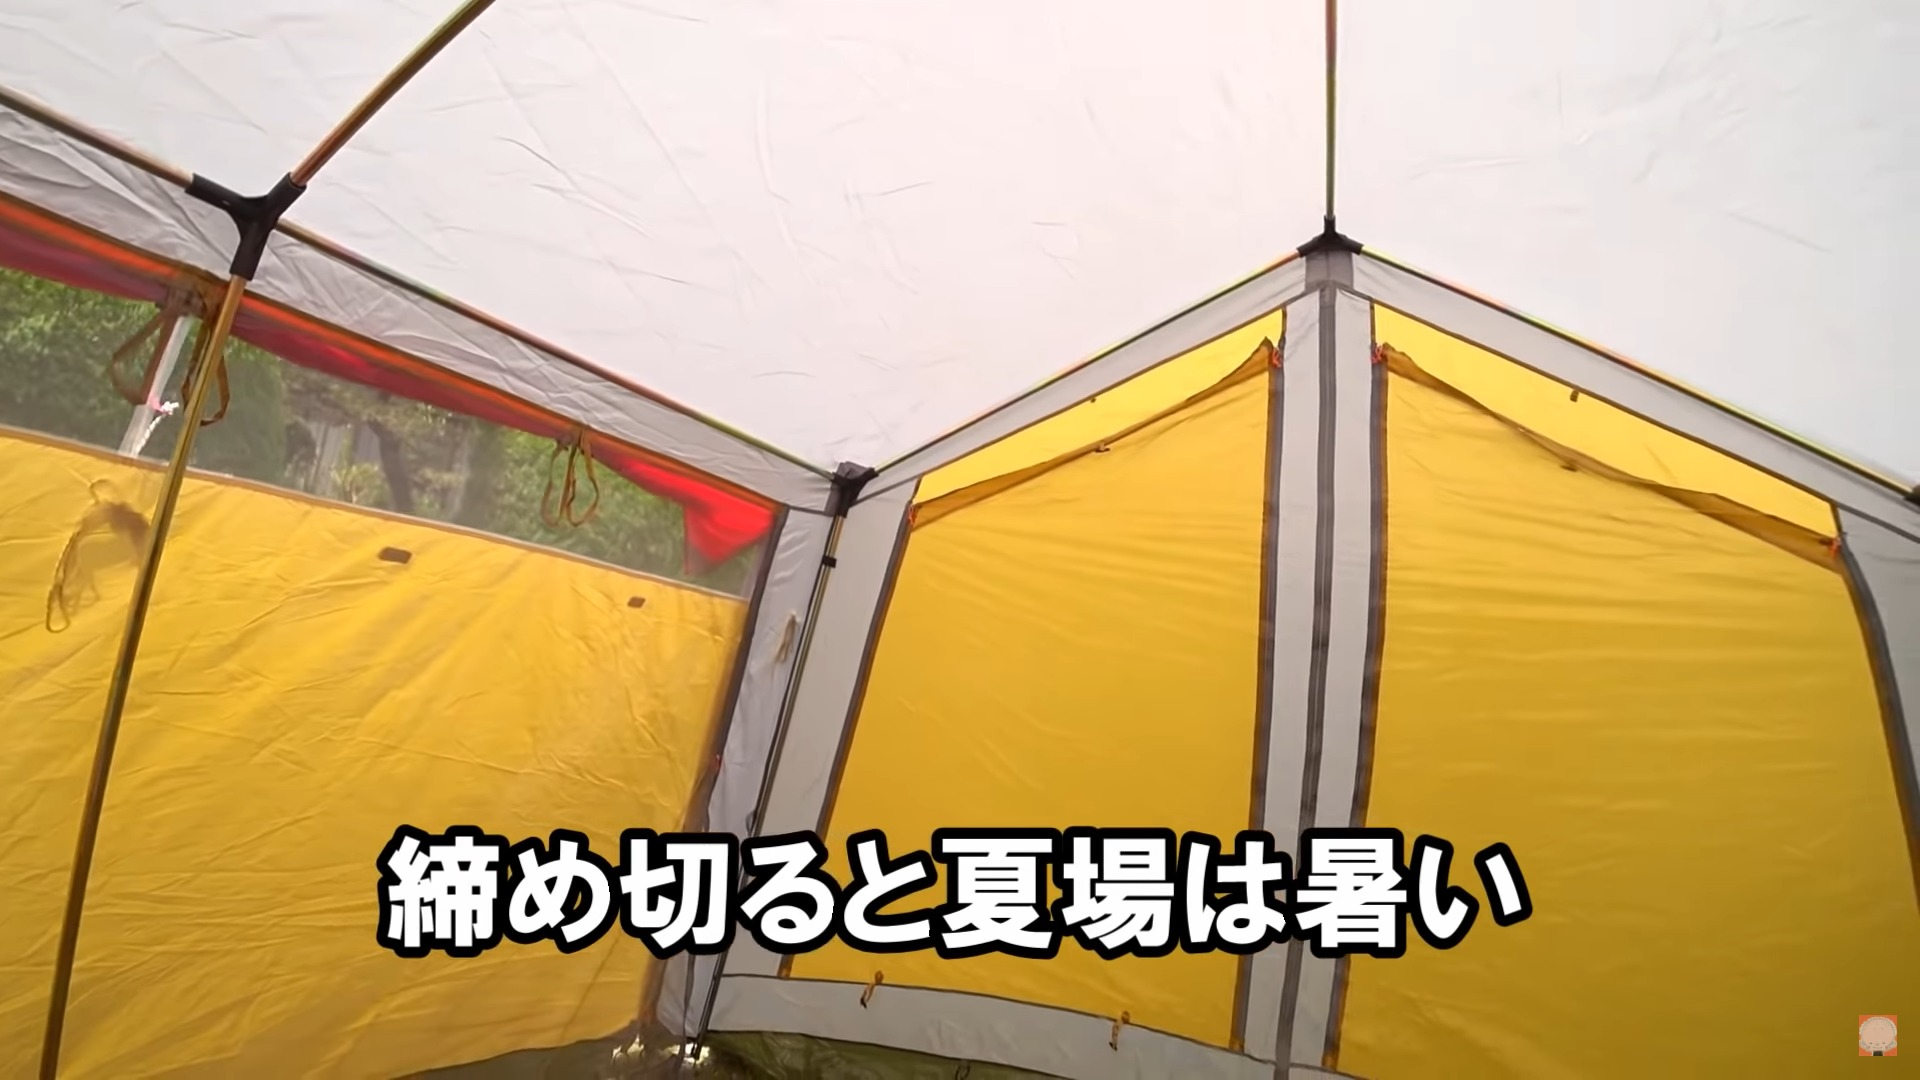 【村の鍛冶屋】鉄骨テント「ロッジ型STスクリーンテント」をレビューする尾上祐一郎さん